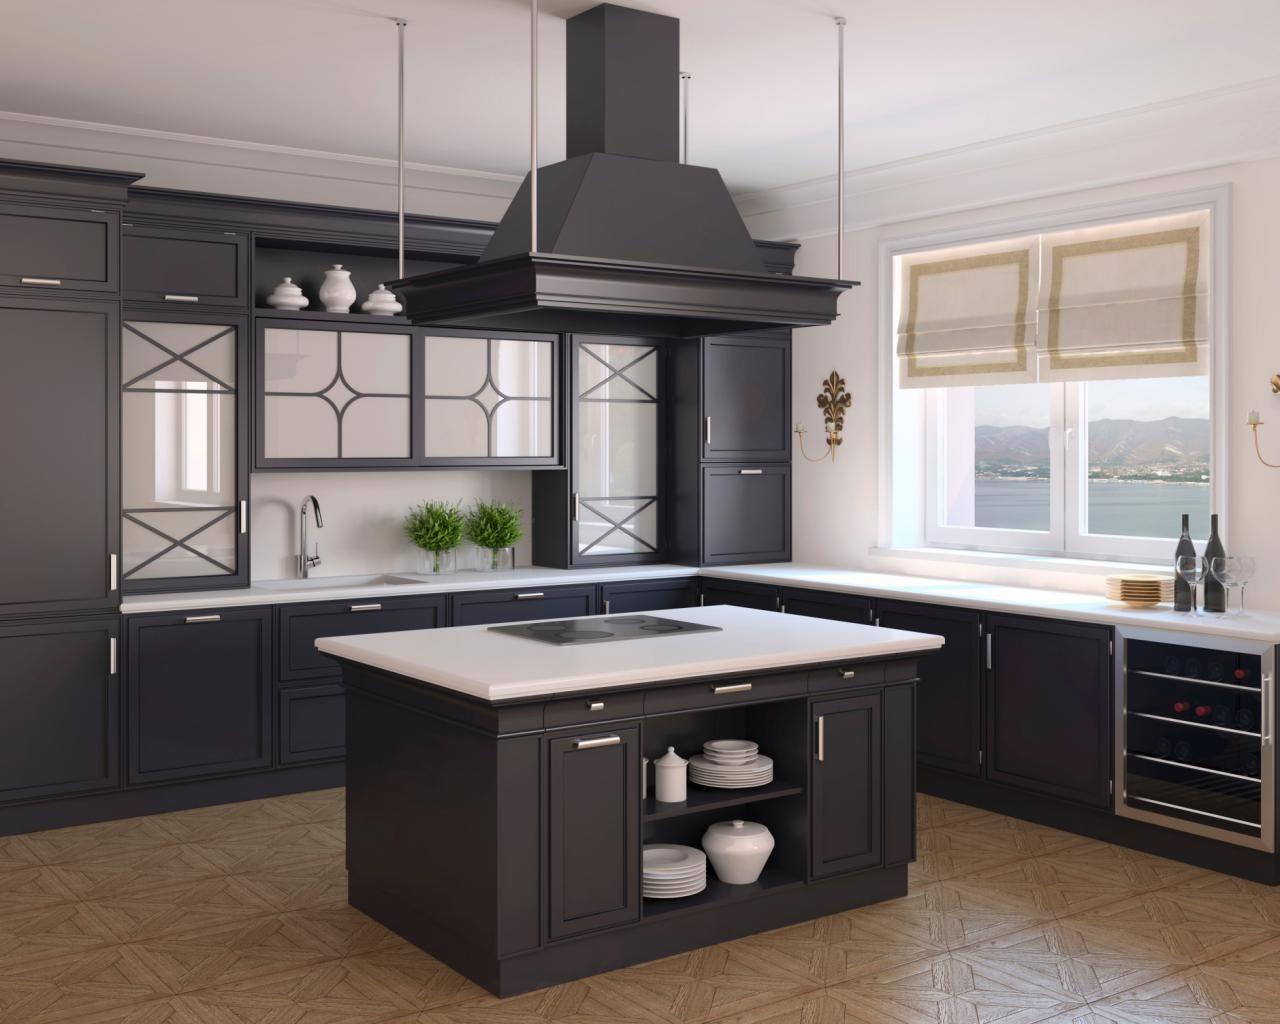 open kitchen designs - Google Search | Kitchen | Pinterest | Open ...